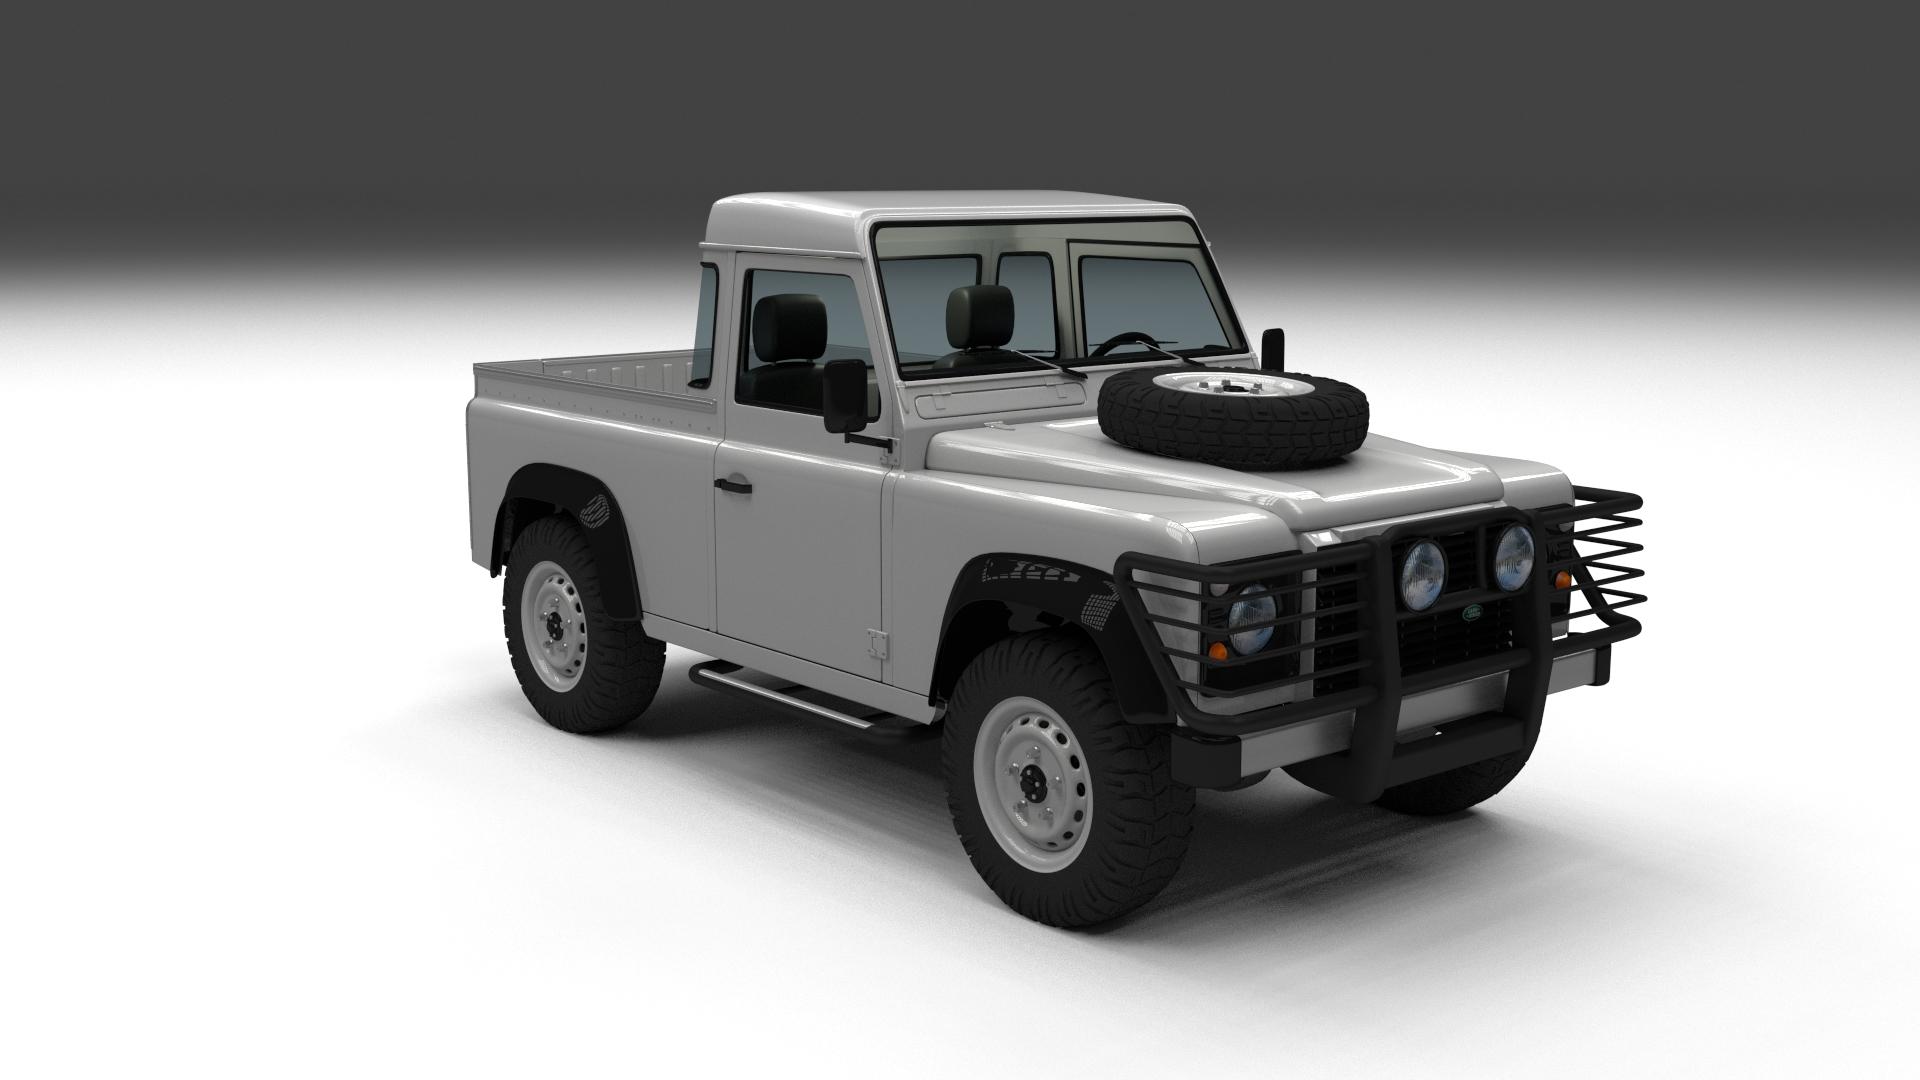 full land rover defender 90 pick up 3d model. Black Bedroom Furniture Sets. Home Design Ideas